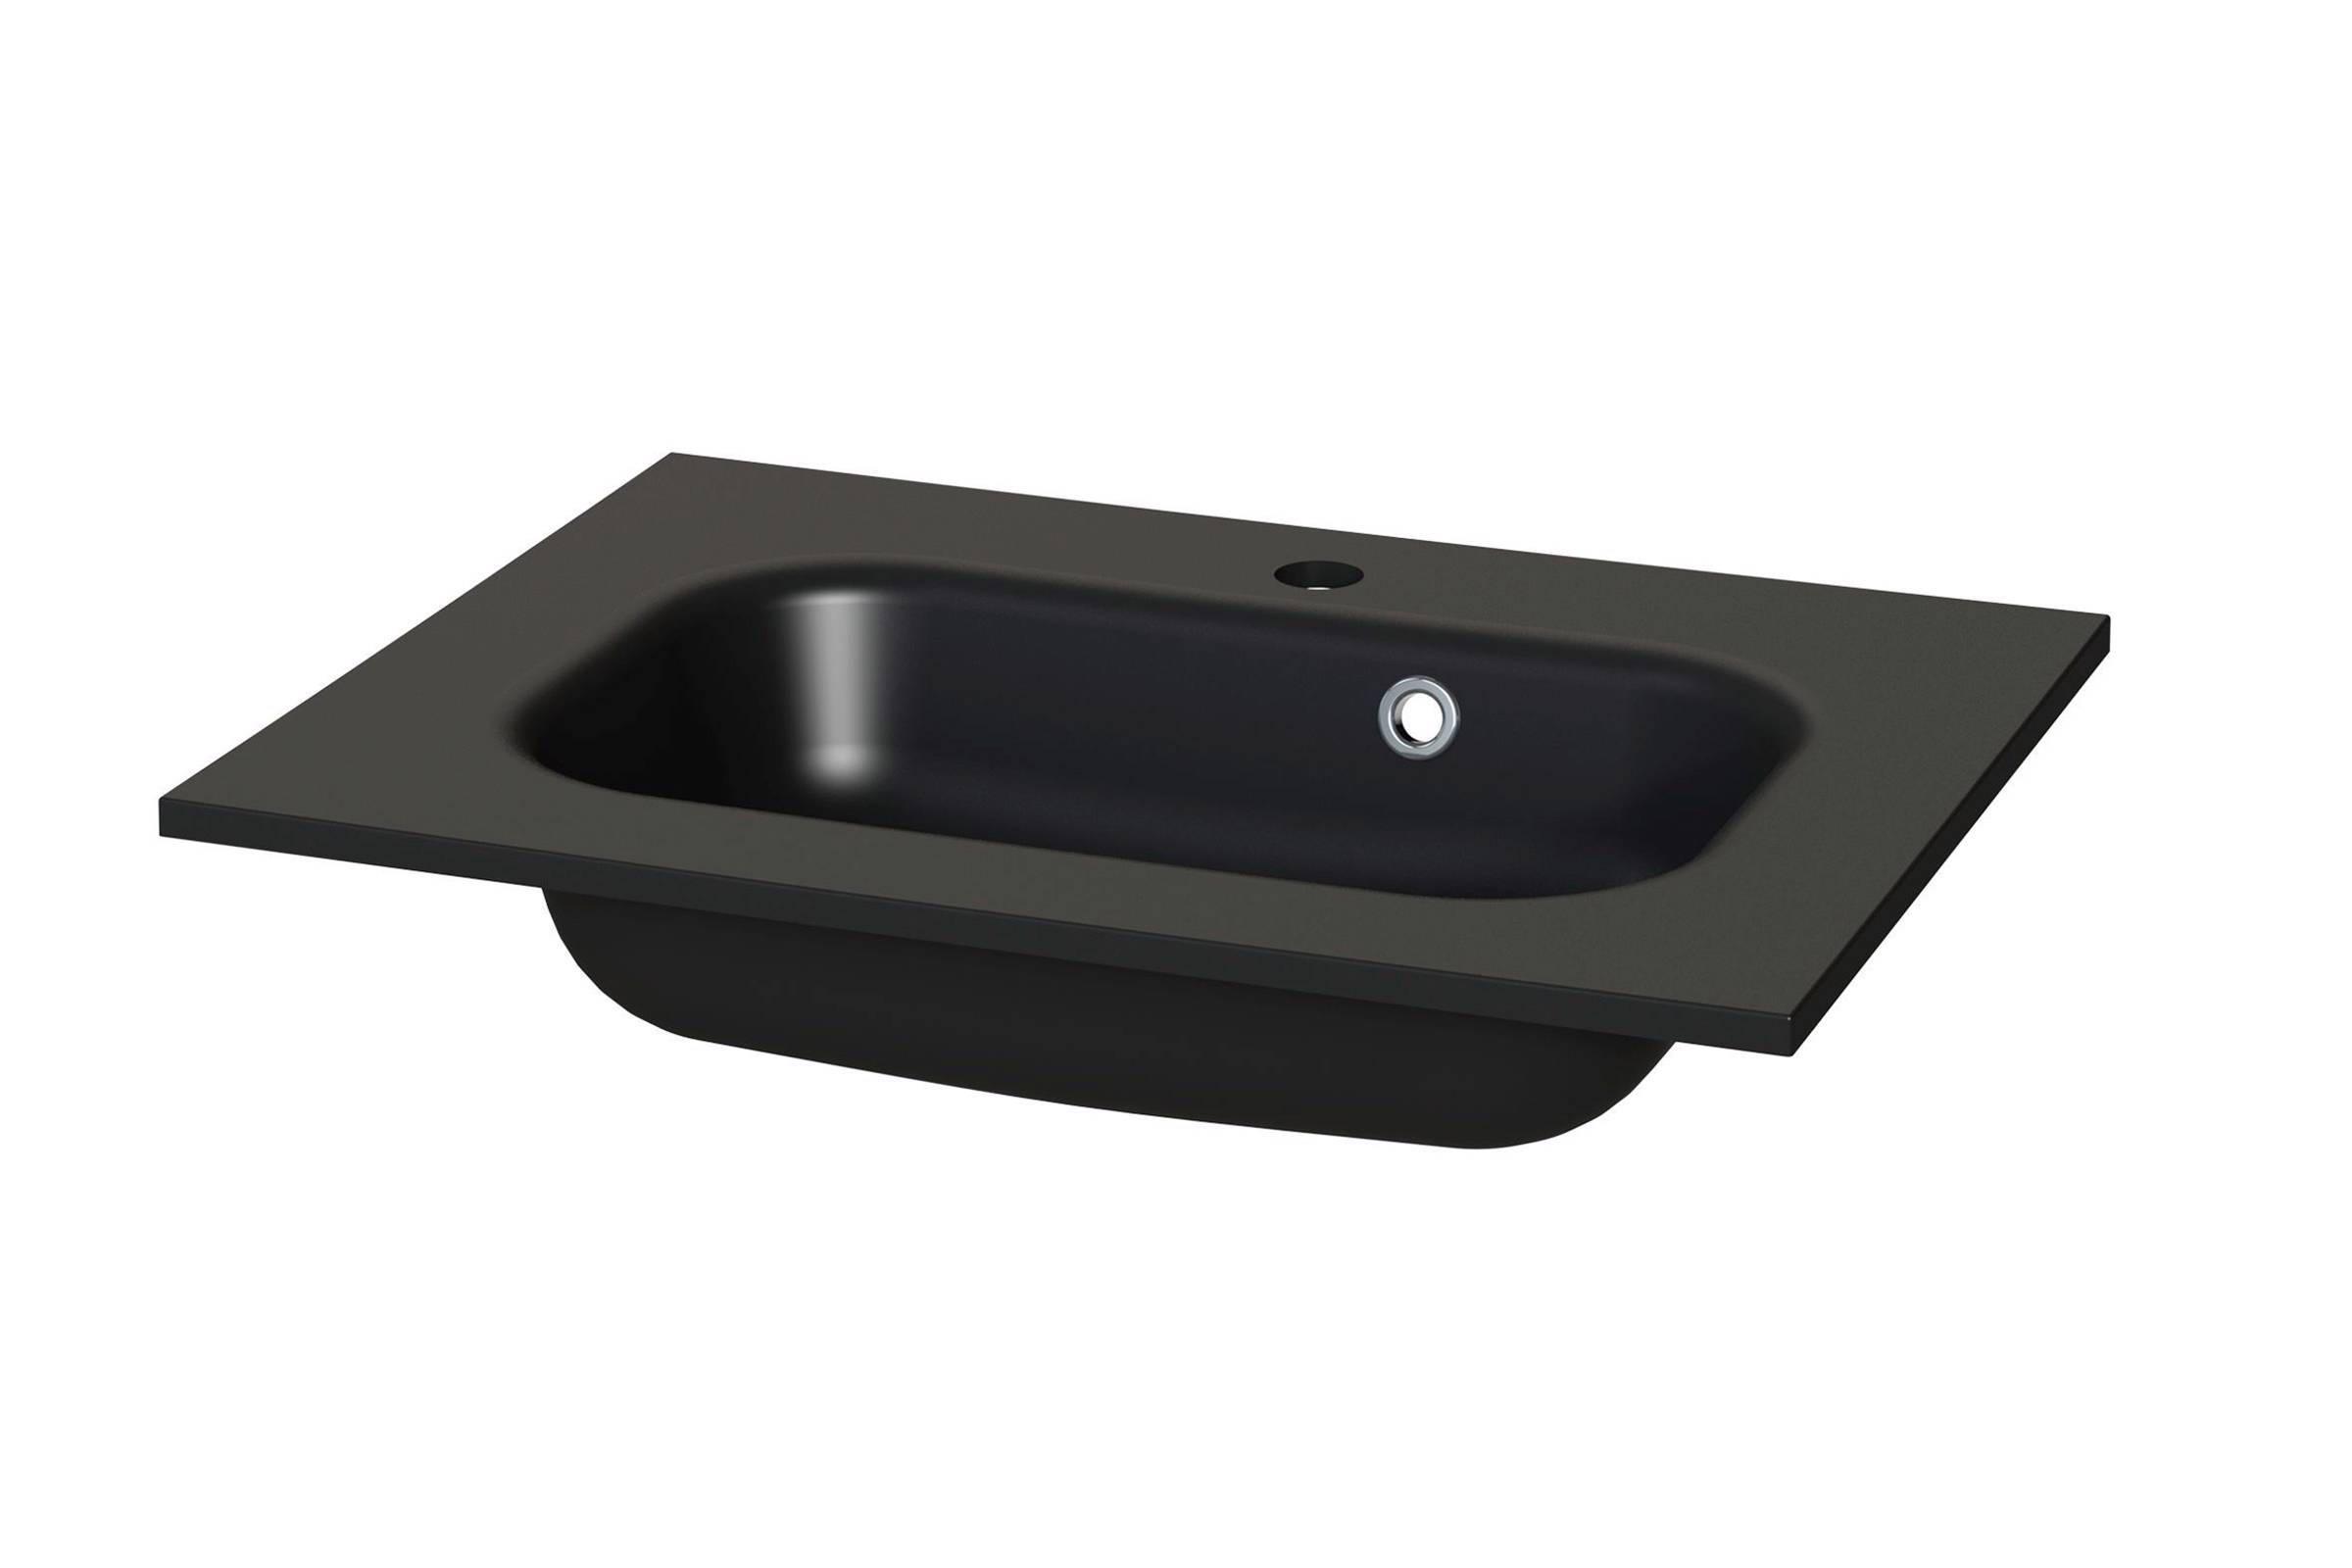 Tiger loft badkamermeubel cm met spiegelkast en zwarte wastafel